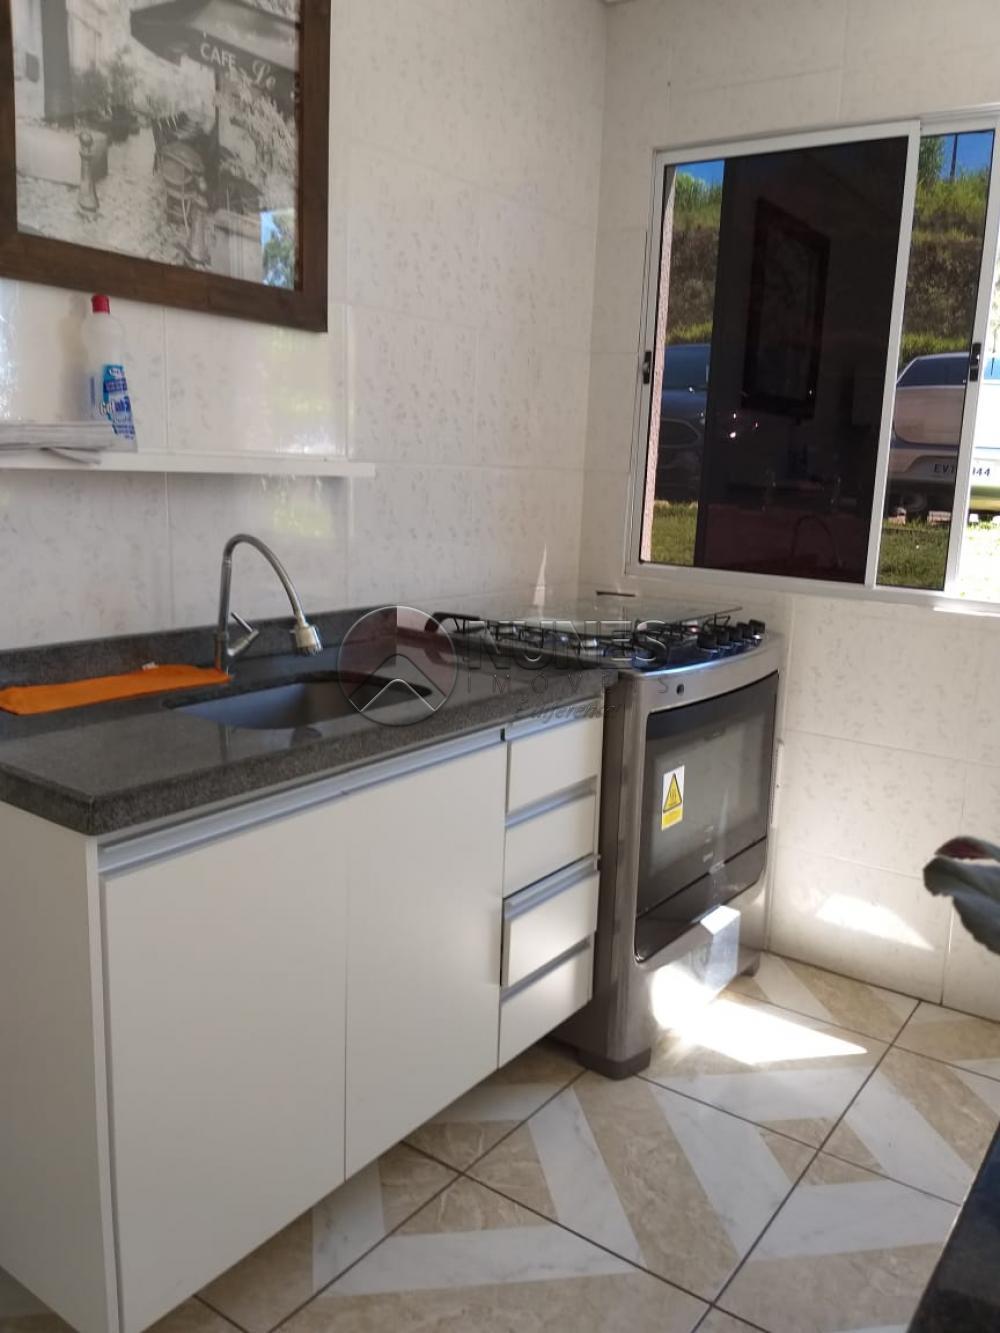 Comprar Apartamento / Padrão em Jandira apenas R$ 170.000,00 - Foto 4